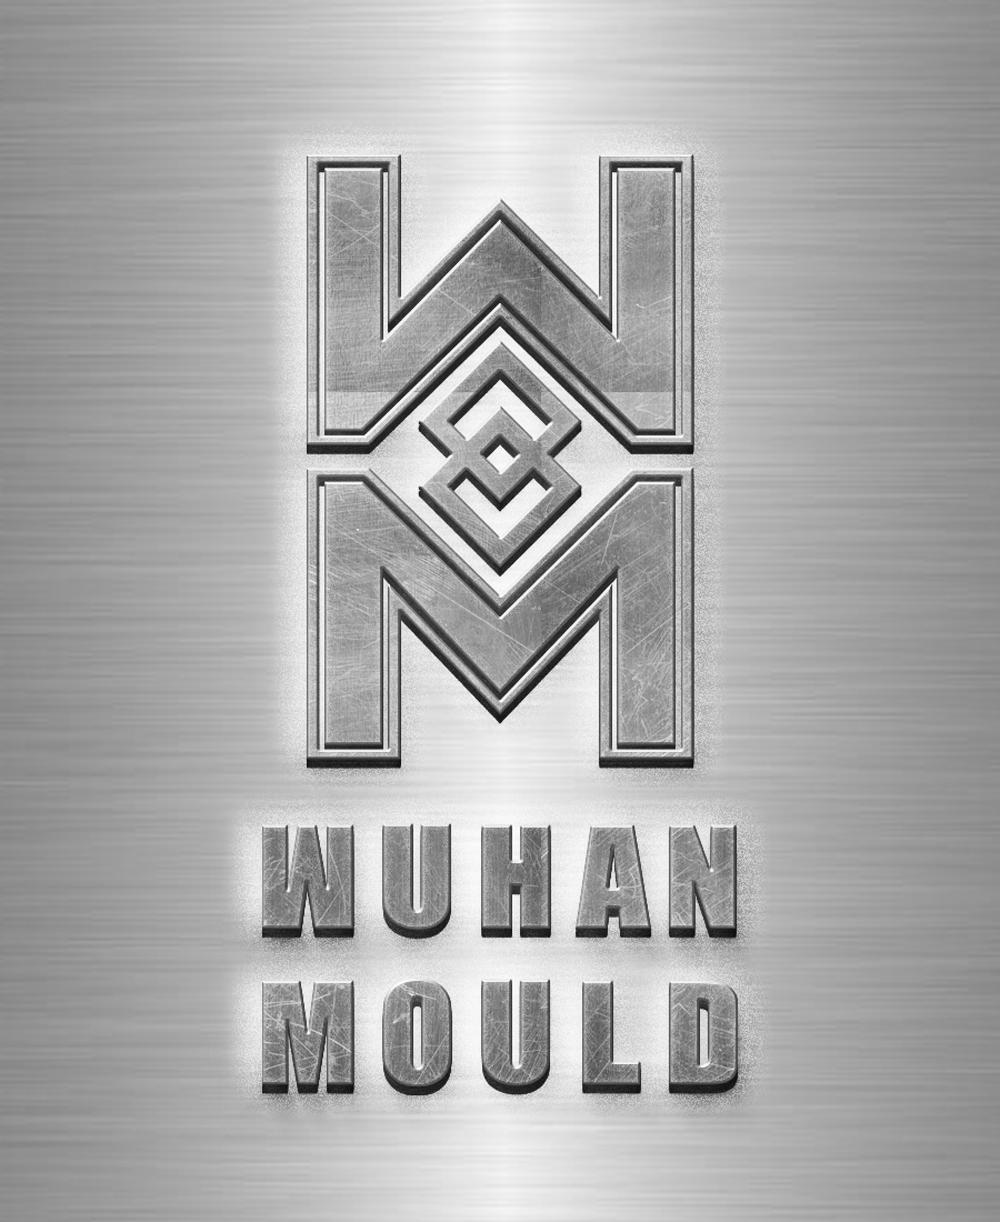 Создать логотип для фабрики пресс-форм фото f_466599a5c92966bf.jpg